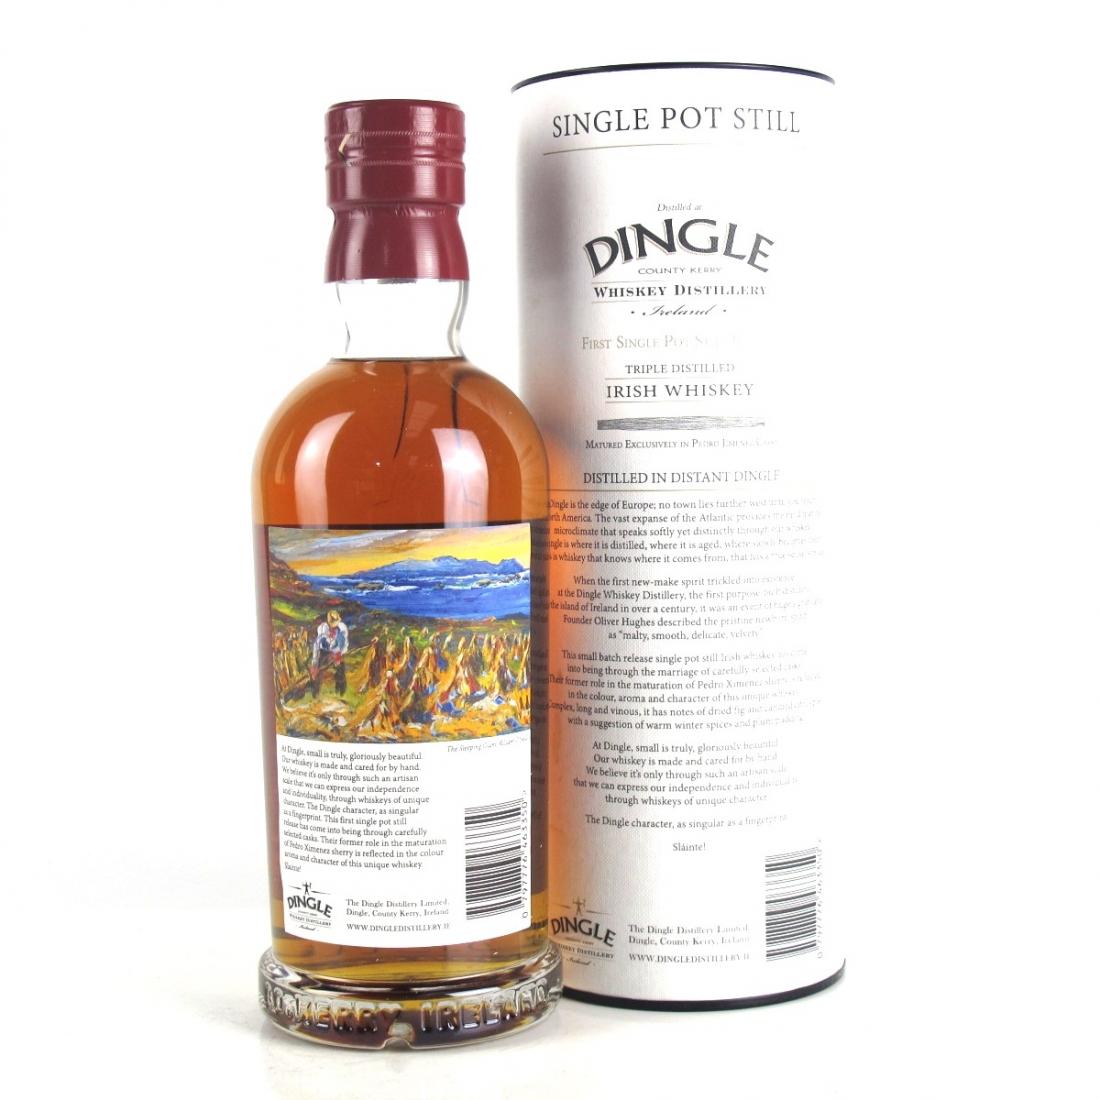 Dingle Pot Still Irish Whiskey / PX Sherry Cask